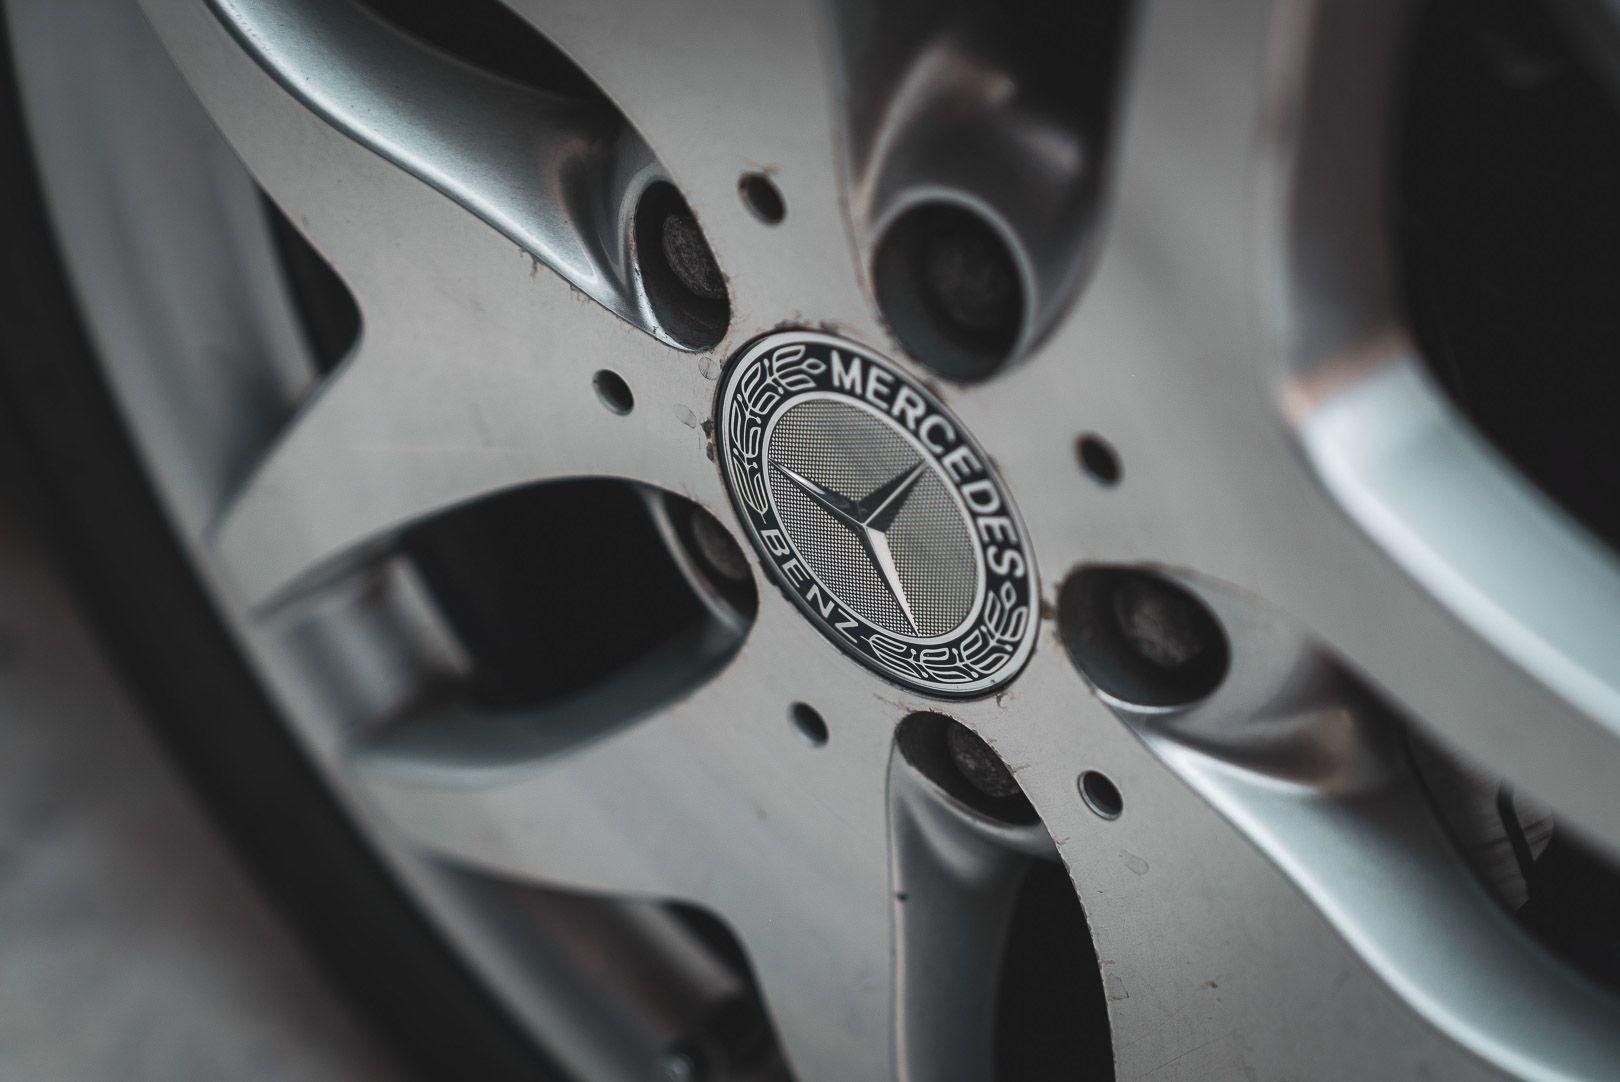 2004 Mercedes Benz 200 SLK Kompressor Special Edition 80741